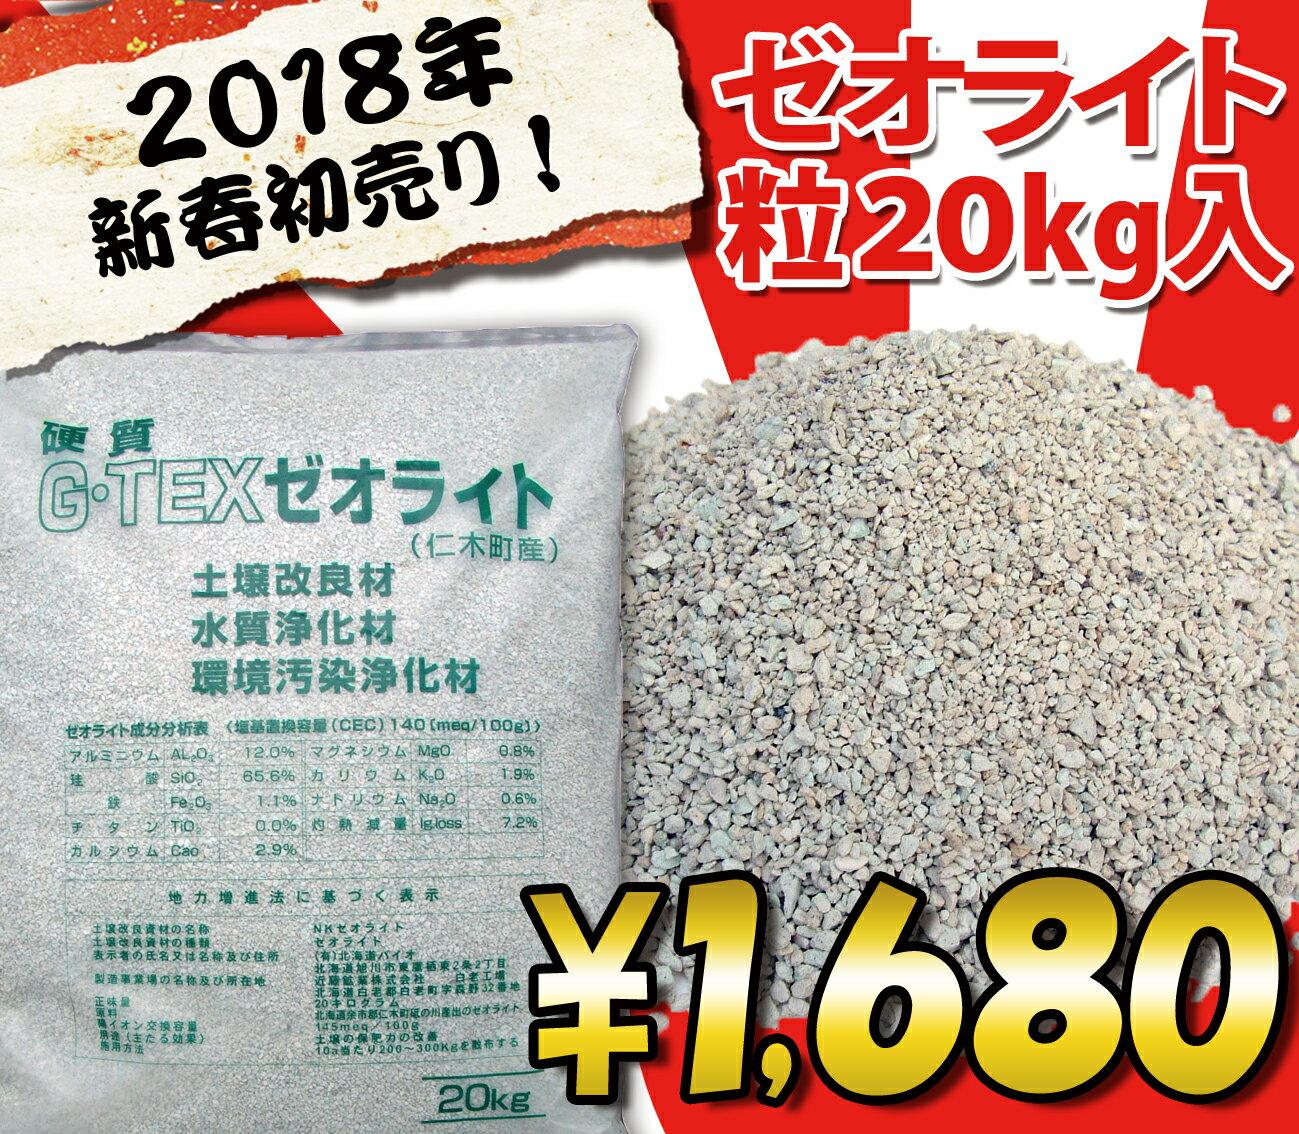 【2018年 新春初売り!】G-TEX硬質ゼオライト(粒状)20kg送料込み